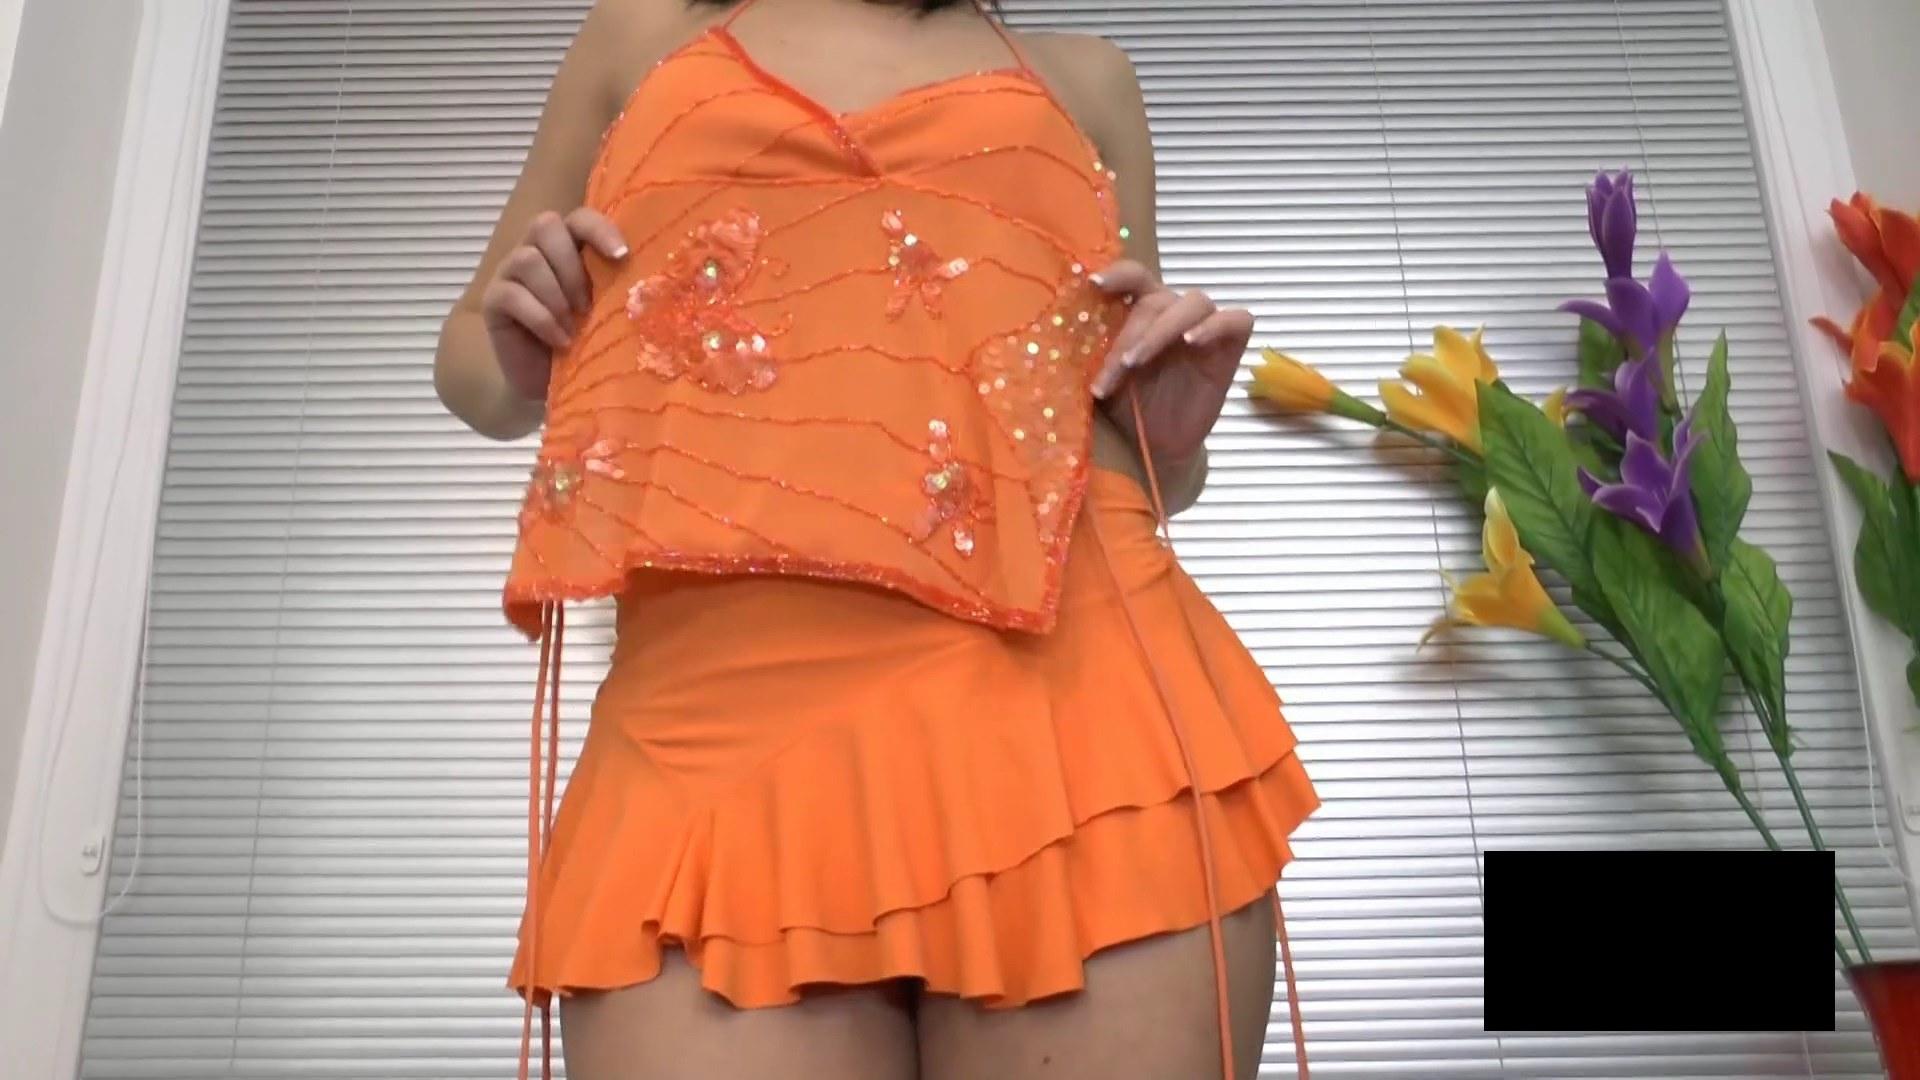 脂肪たっぷりの東欧熟女の脱衣ヌード画像貼ってくwwwwwwwww eLkHjNn